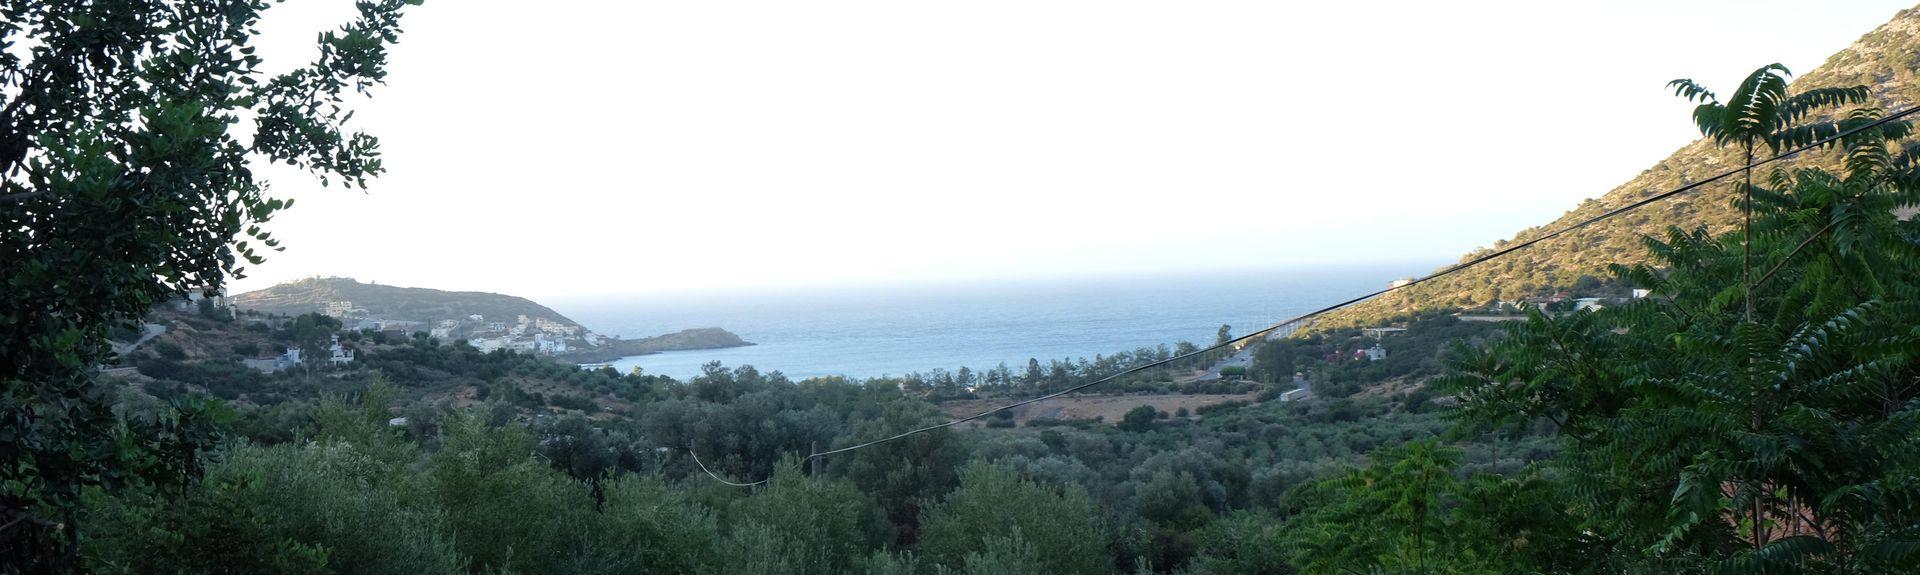 Tilisos, Kreta, Grækenland